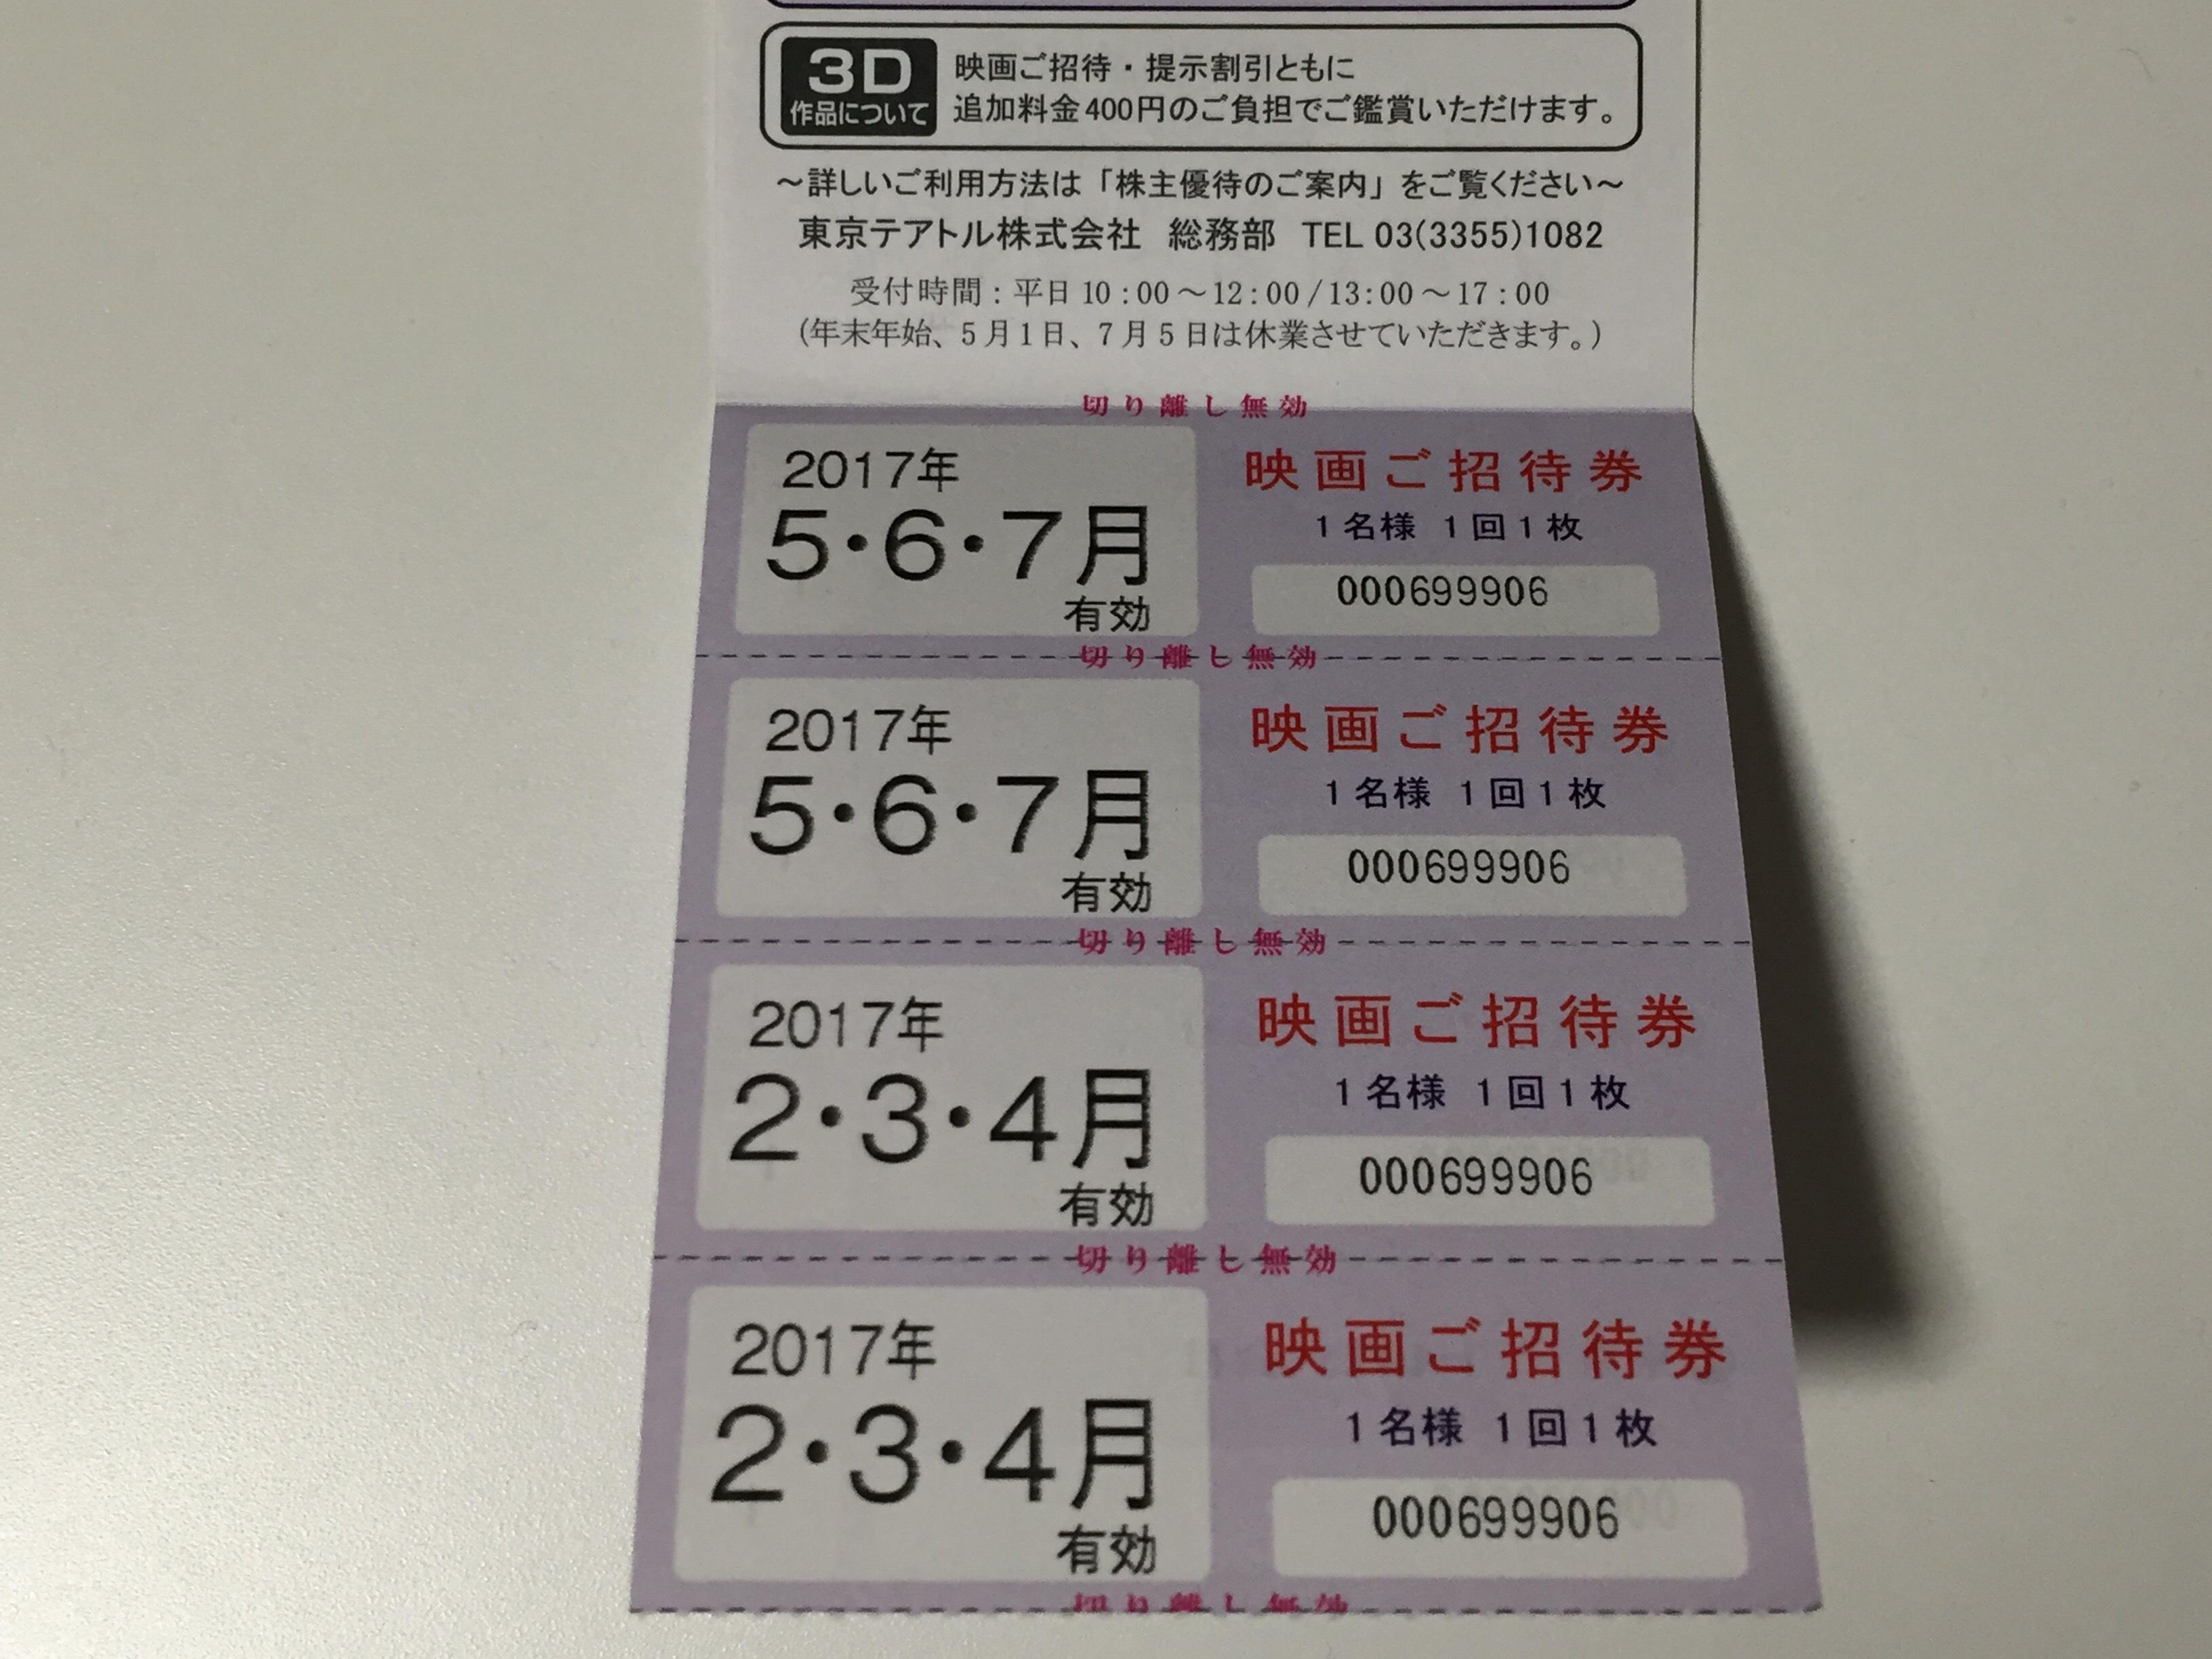 東京テアトル 株主優待 映画招待券